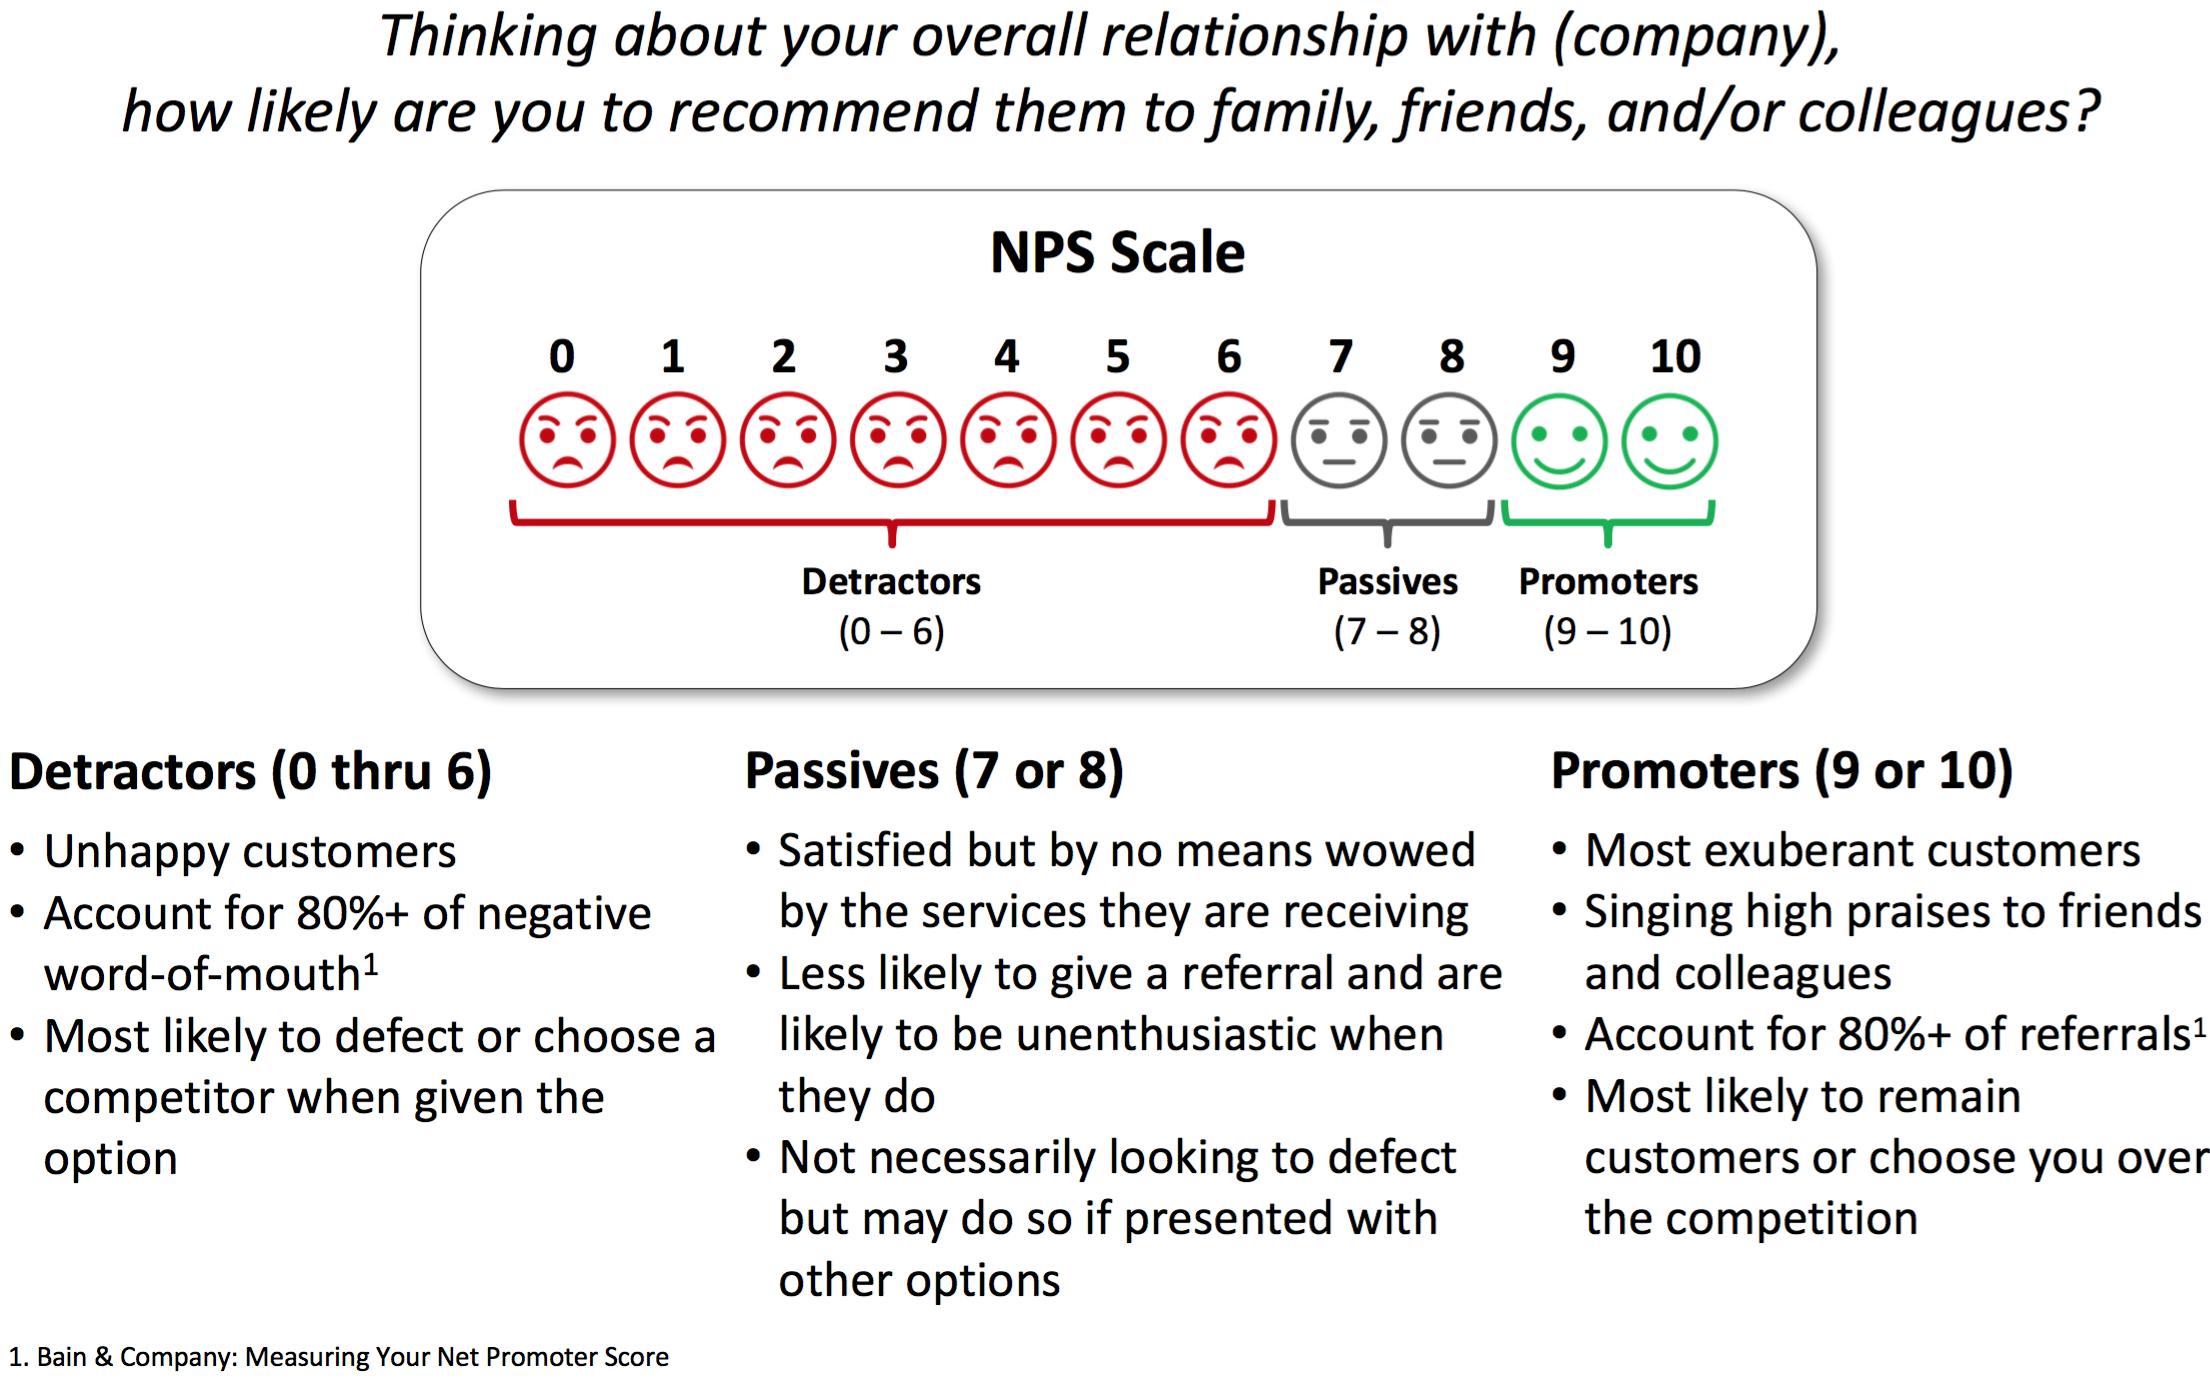 Net Promoter Score (NPS) Scale